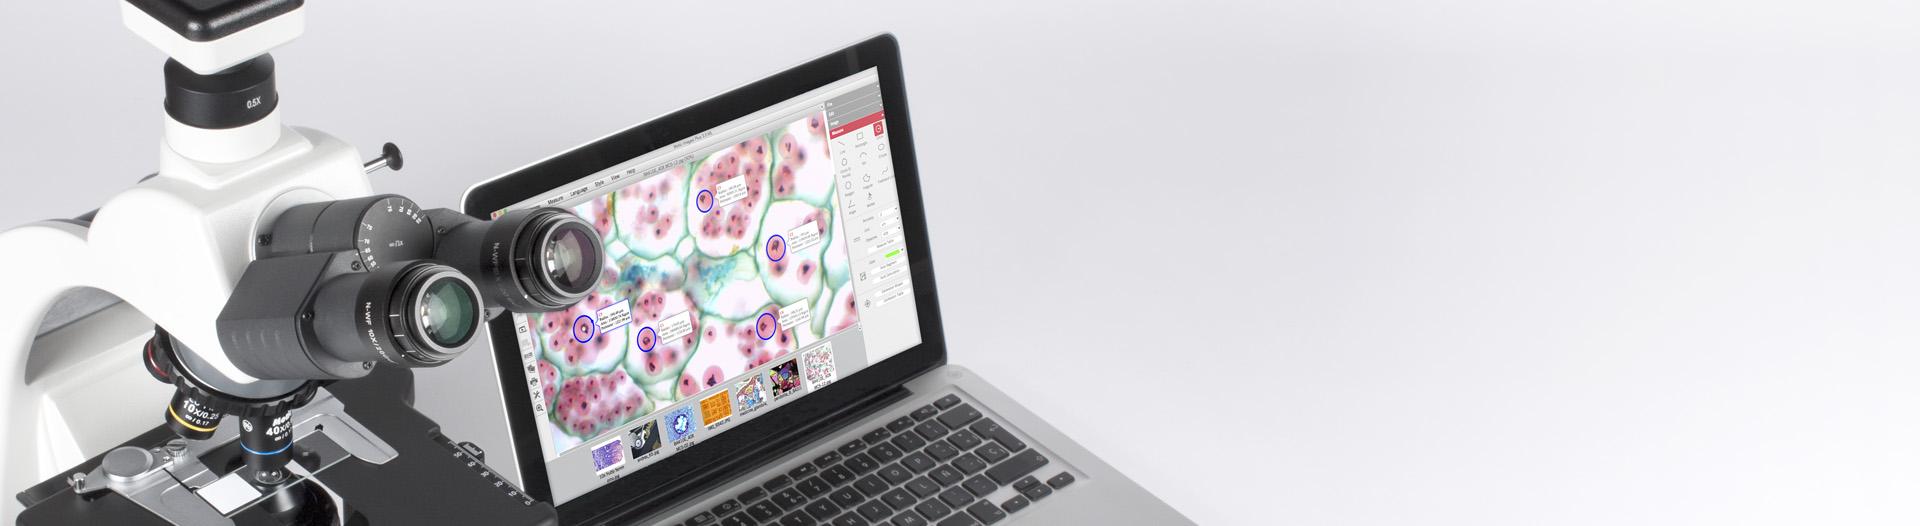 Moticam USB - Motic Images Plus 3.0 Software